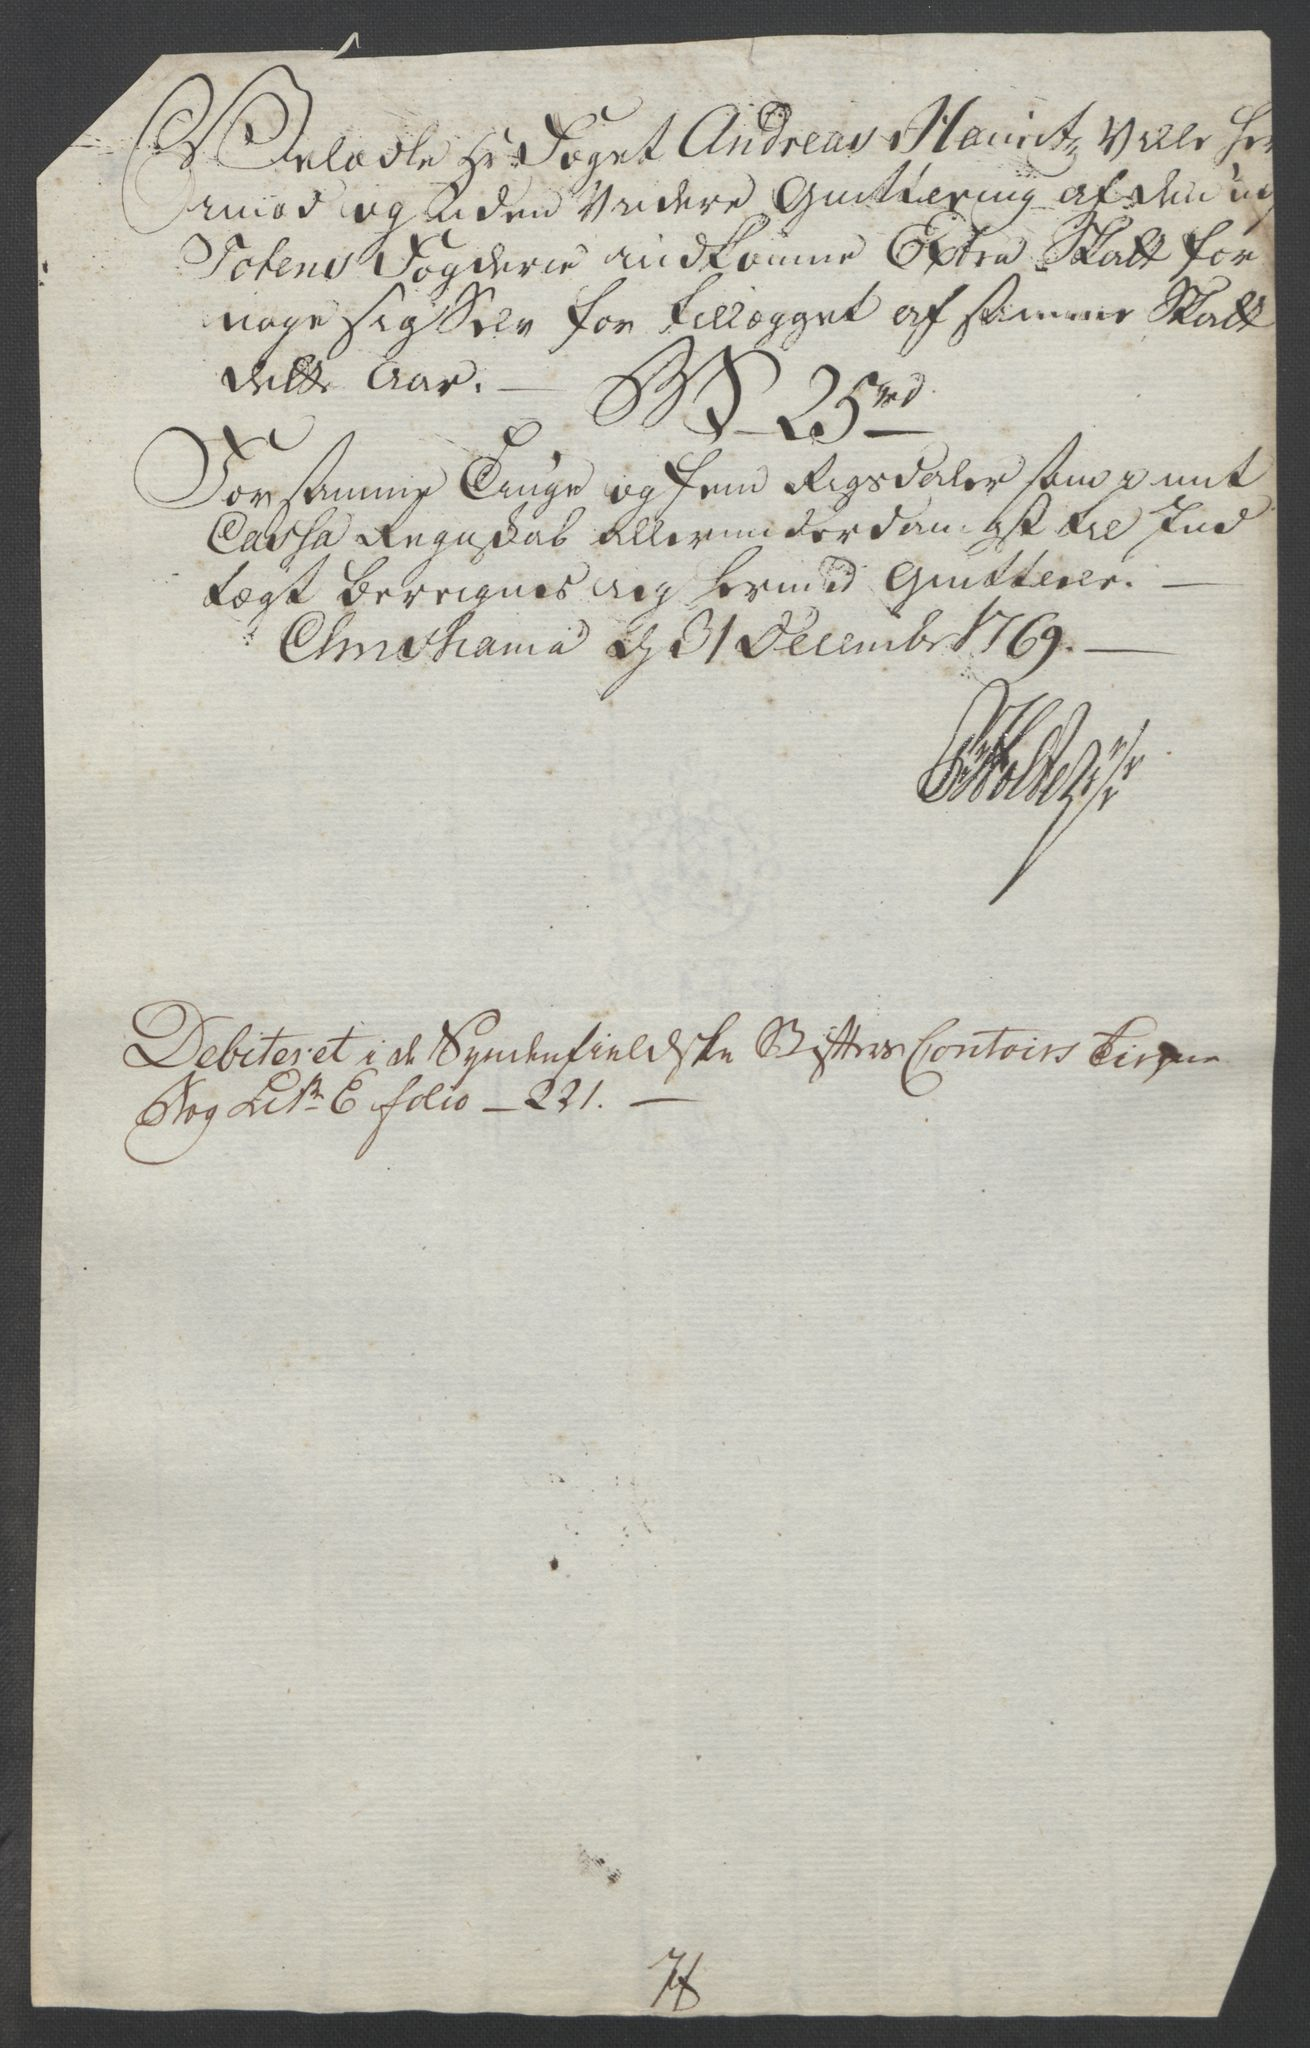 RA, Rentekammeret inntil 1814, Reviderte regnskaper, Fogderegnskap, R19/L1399: Fogderegnskap Toten, Hadeland og Vardal, 1762-1783, s. 169